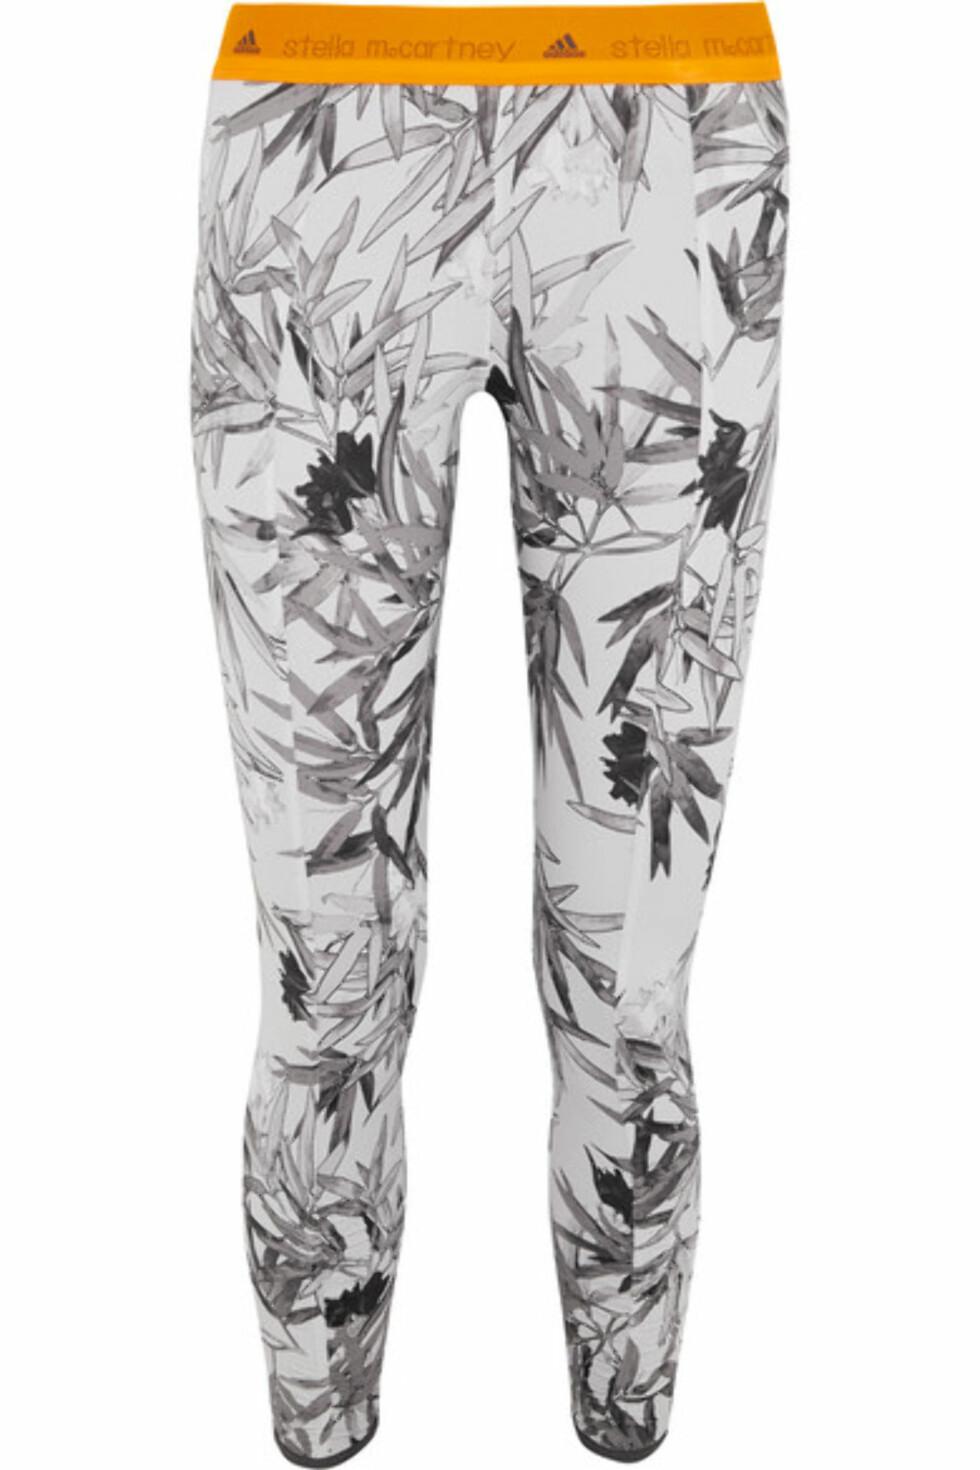 Tights fra Adidas By Stella McCartney via Net-a-porter.com | kr 796 | https://www.net-a-porter.com/se/en/product/718046/adidas_by_stella_mccartney/yoga-bamboo-printed-climalite--stretch-jersey-leggings?cm_mmc=LinkshareUK-_-oaQeNCJweO0-_-Custom-_-LinkBuilder&siteID=oaQeNCJweO0-yZsCc2.Az4E.eey3s1KCpQ